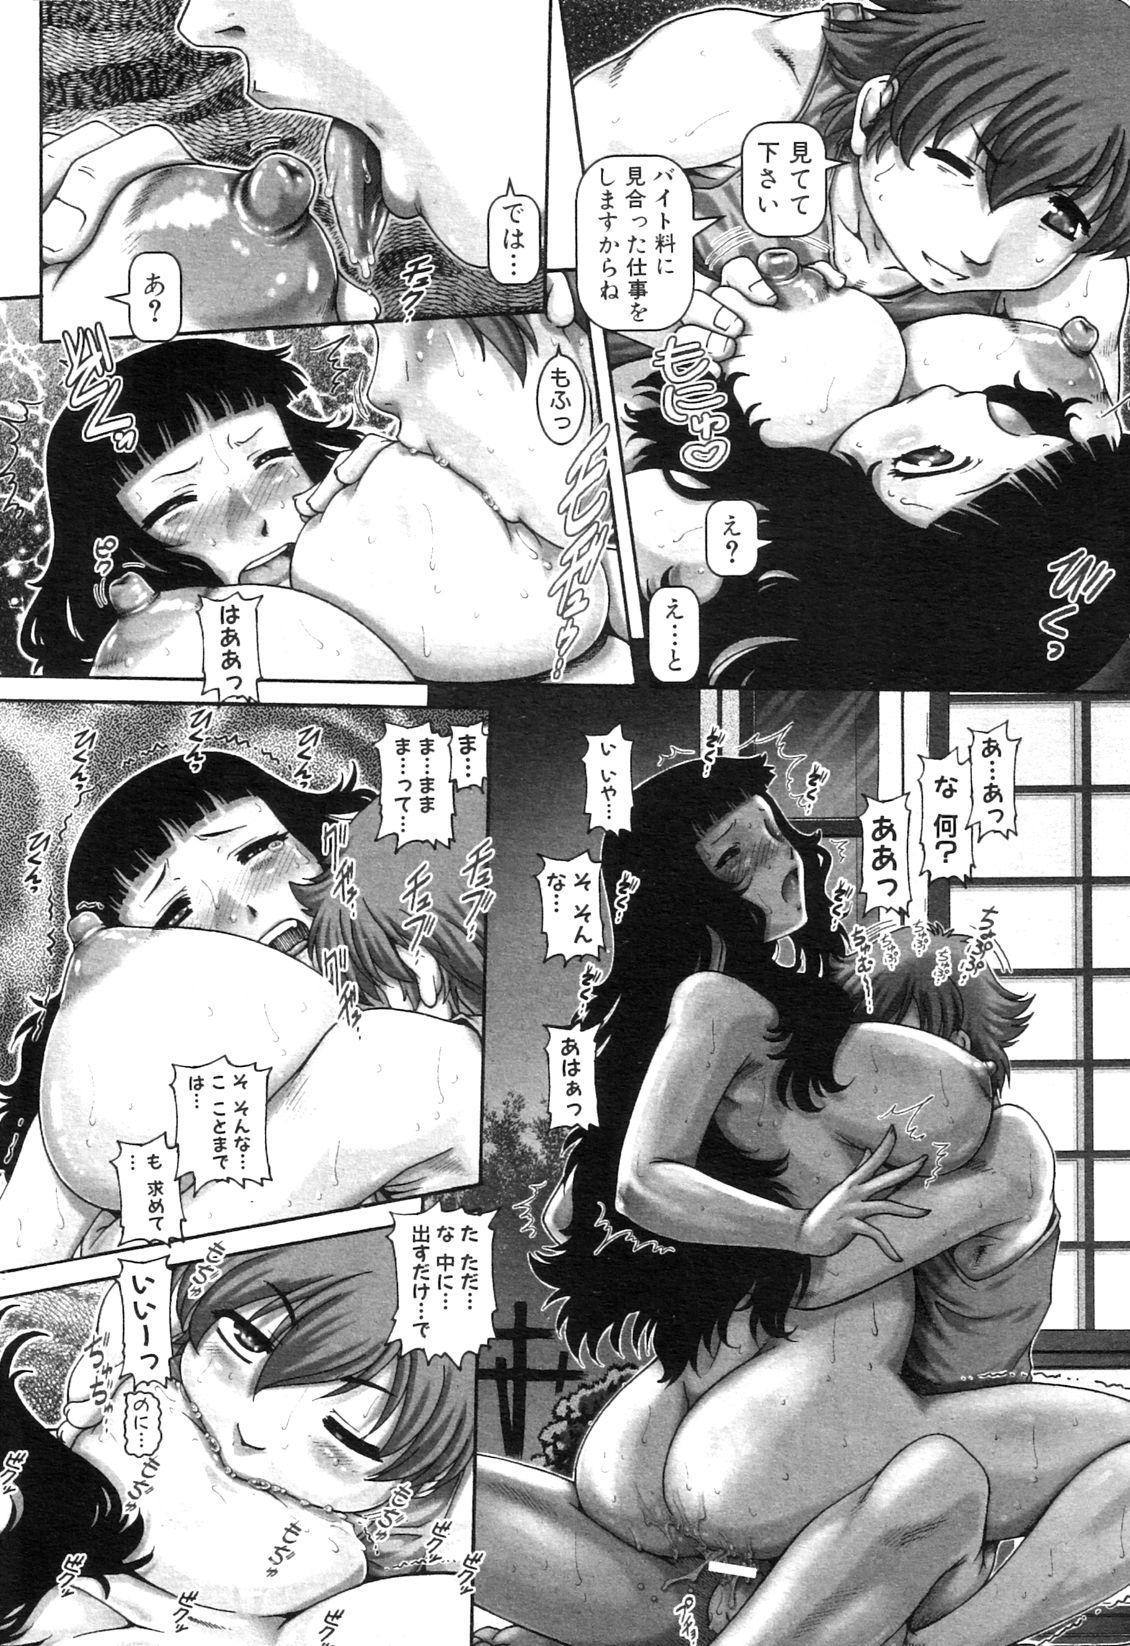 Ayakashiyakata no Tamahime 18